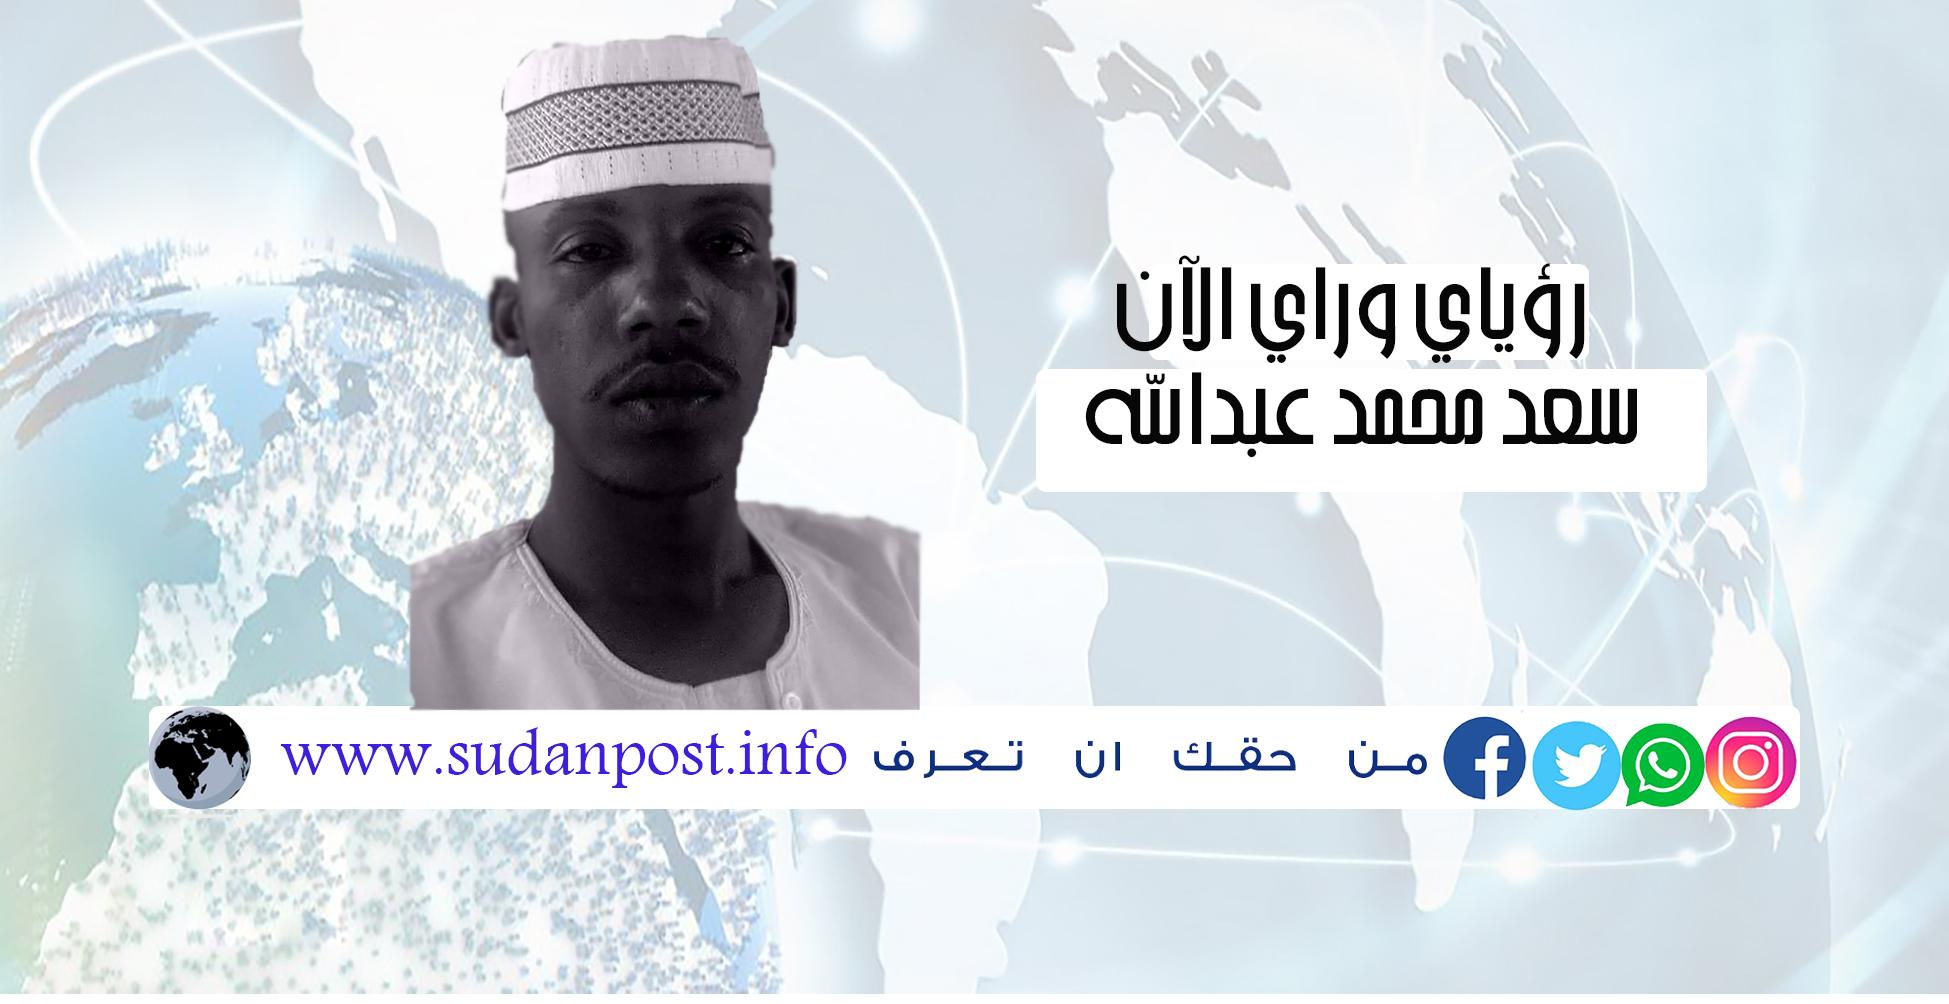 تعقيدات المشهد السياسي وقضايا السلام والوحدة … بقلم: سعد محمد عبدالله